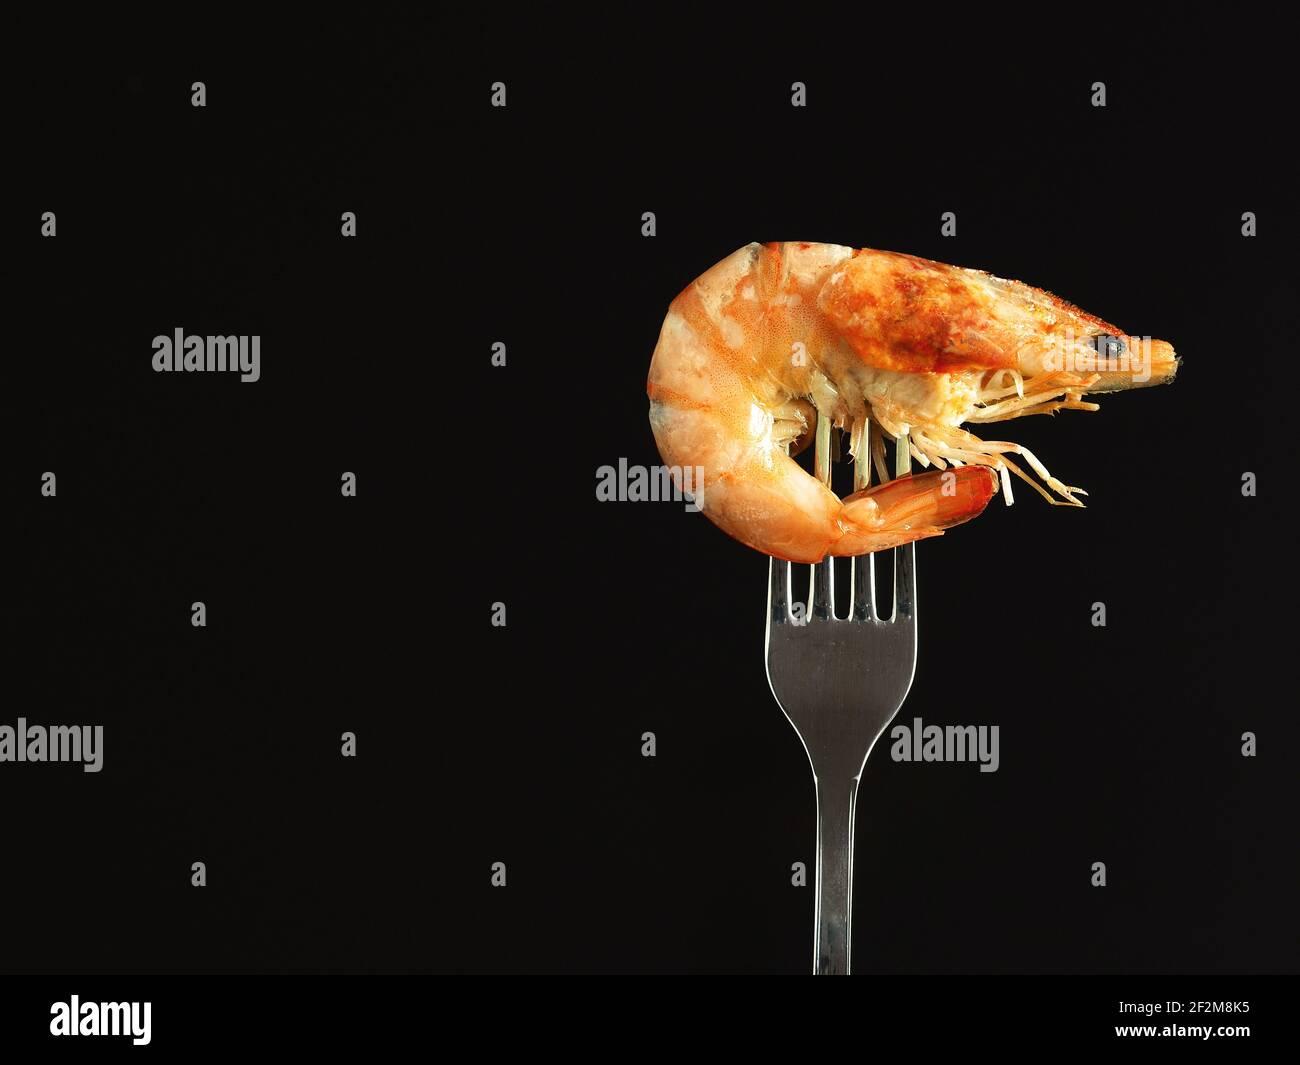 Camarón hervido real en un tenedor, aislado sobre fondo negro. Foto de stock